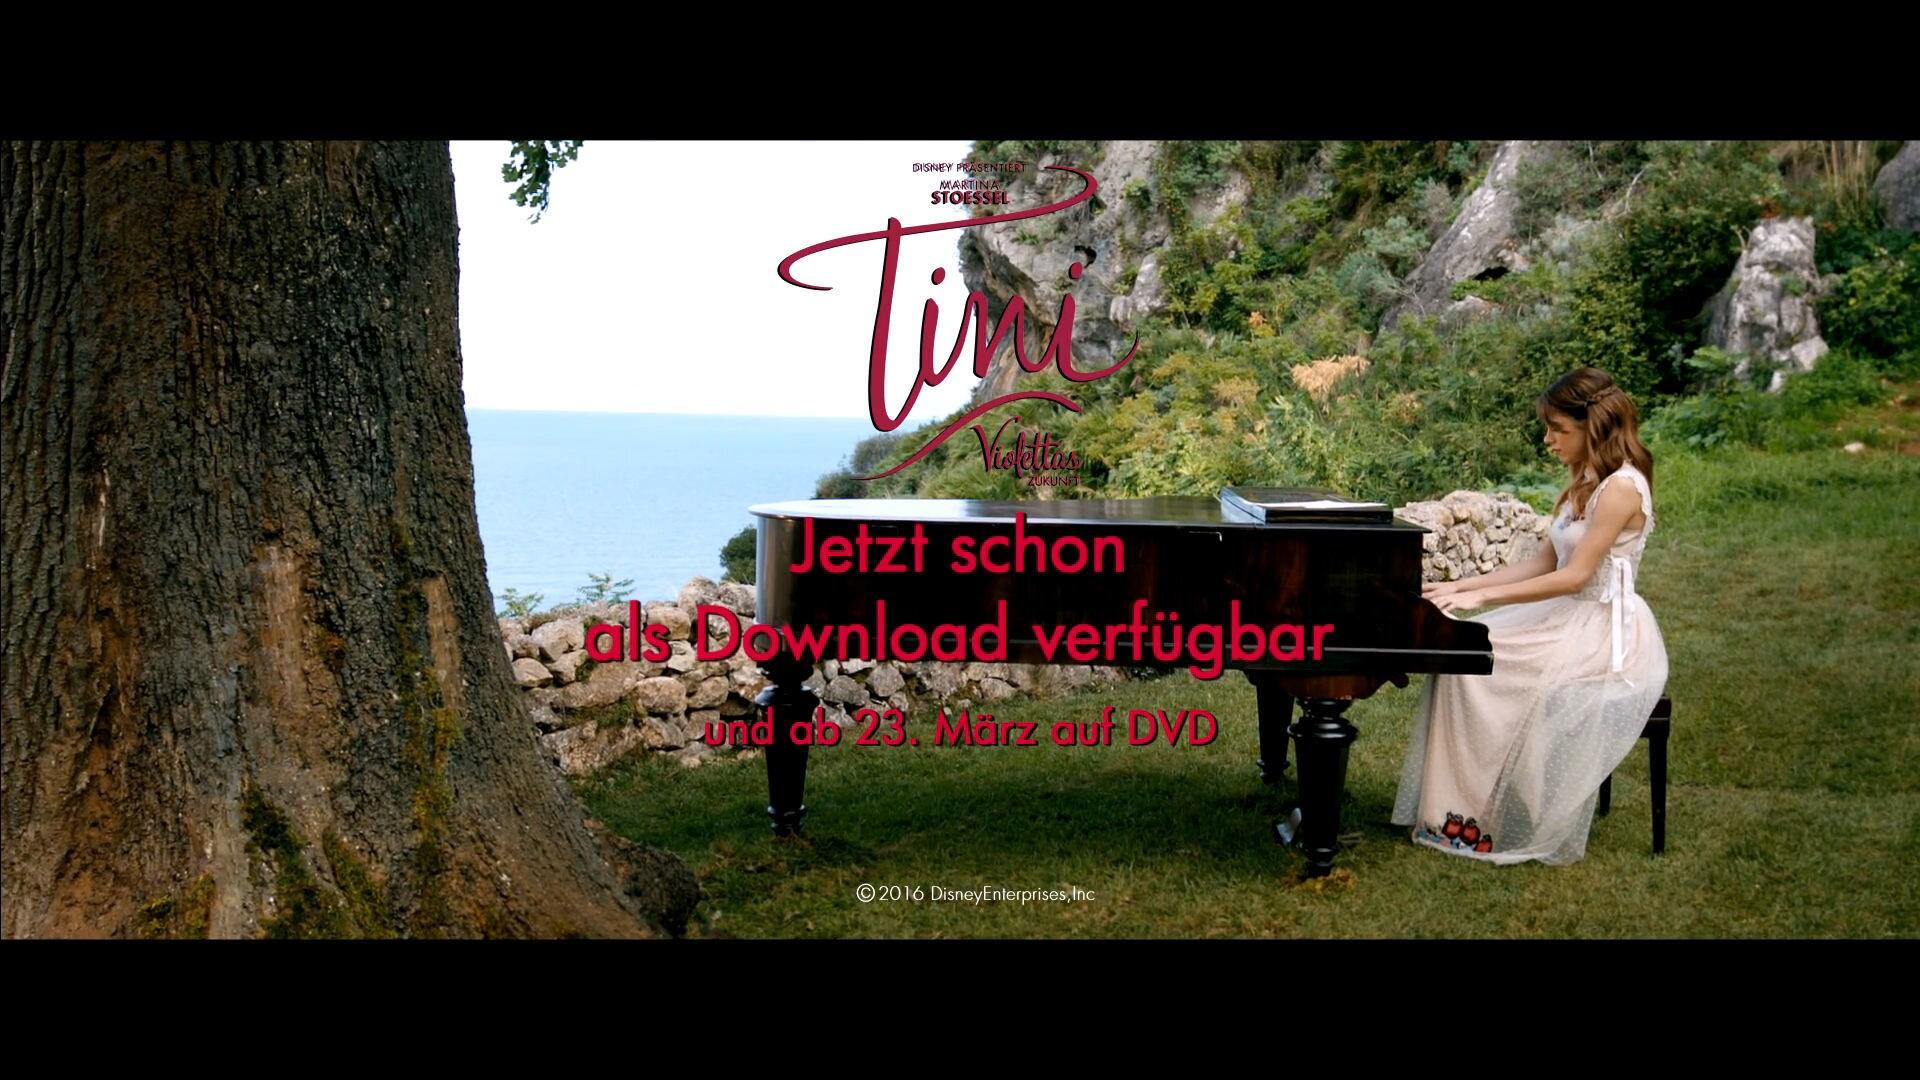 Tini - Violettas Zukunft: Jetzt schon als Download verfügbar